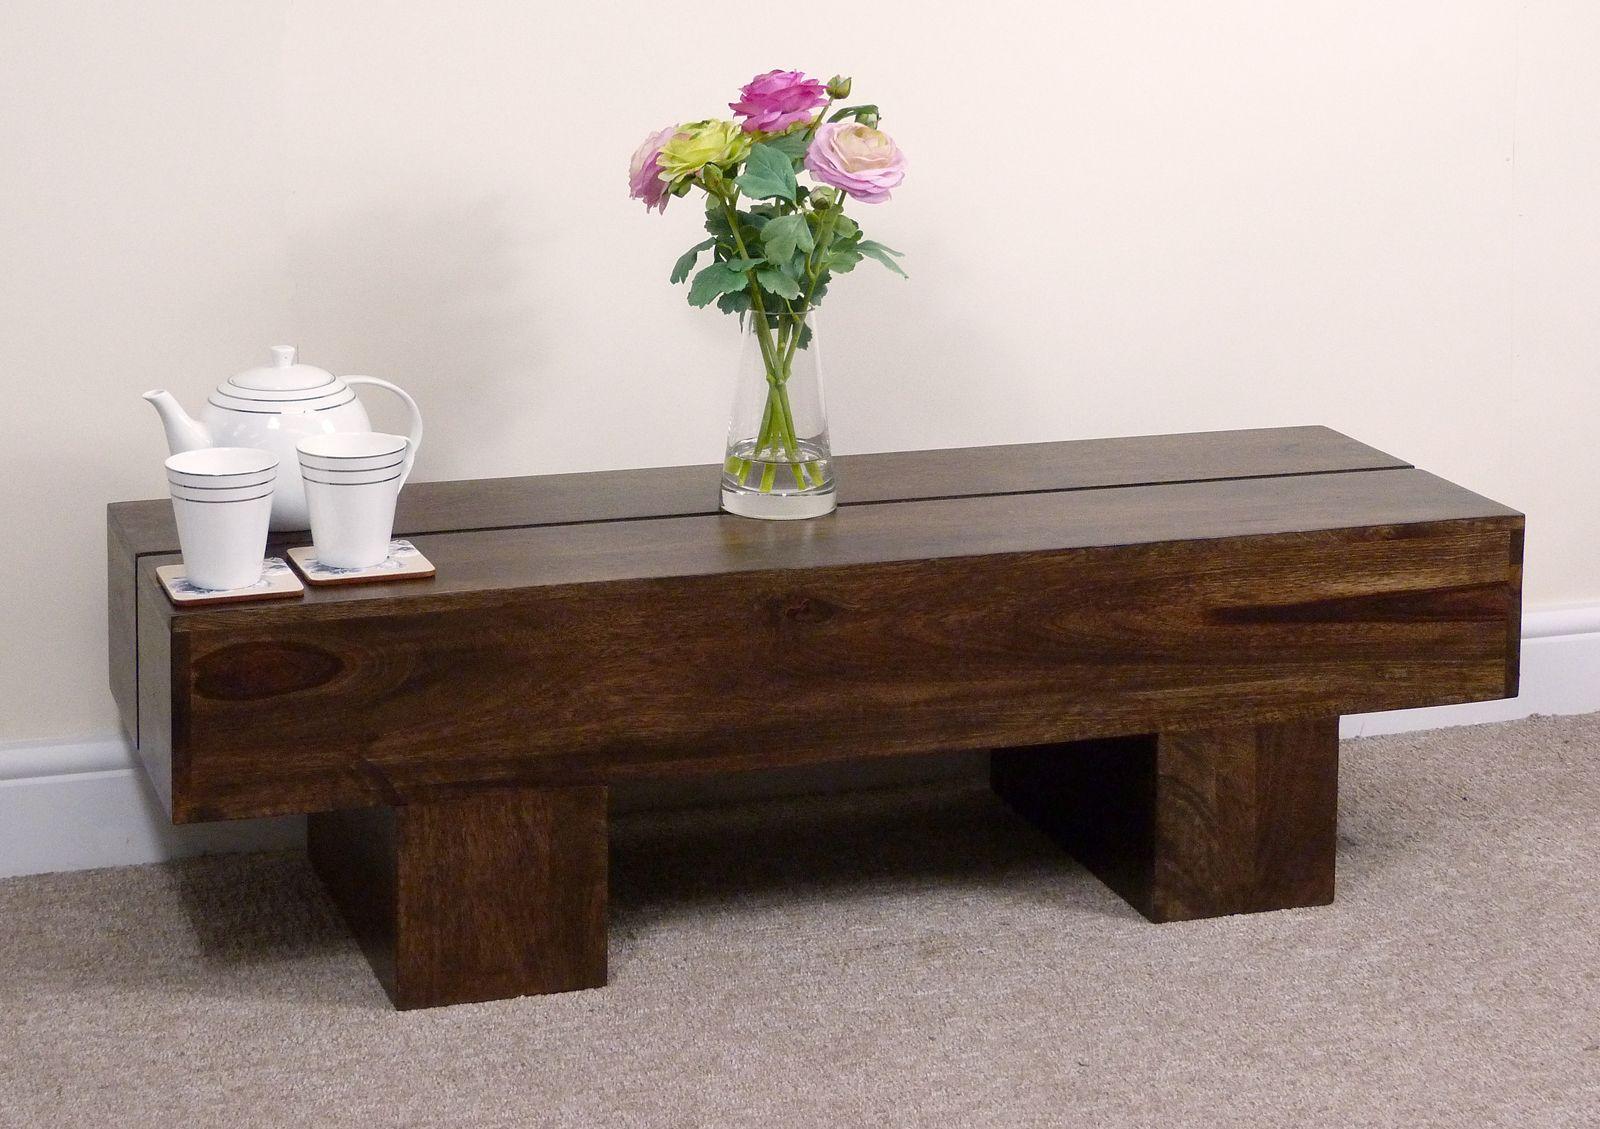 Rustic dark wood coffee table